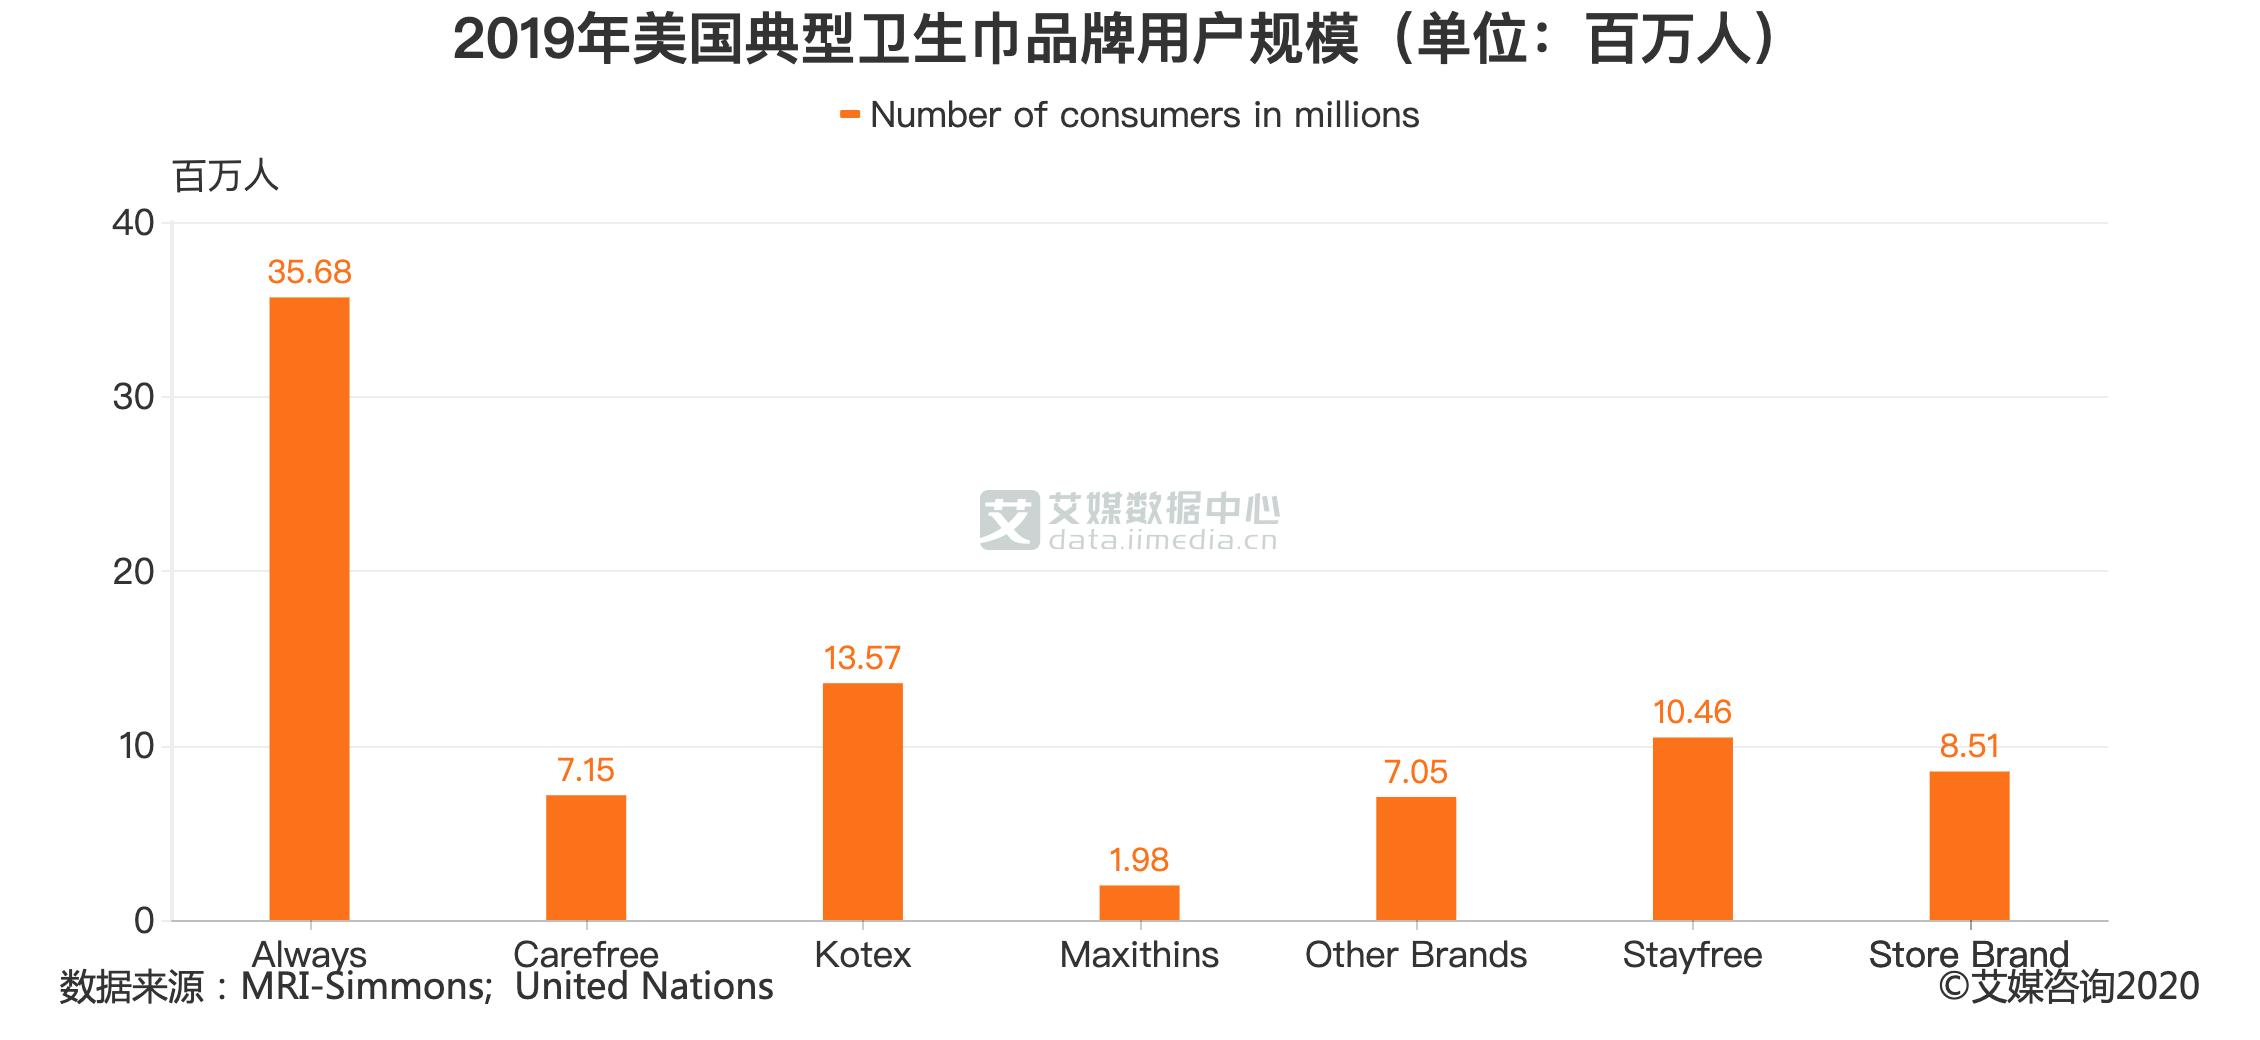 2019年美国典型卫生巾品牌用户规模(单位:百万人)